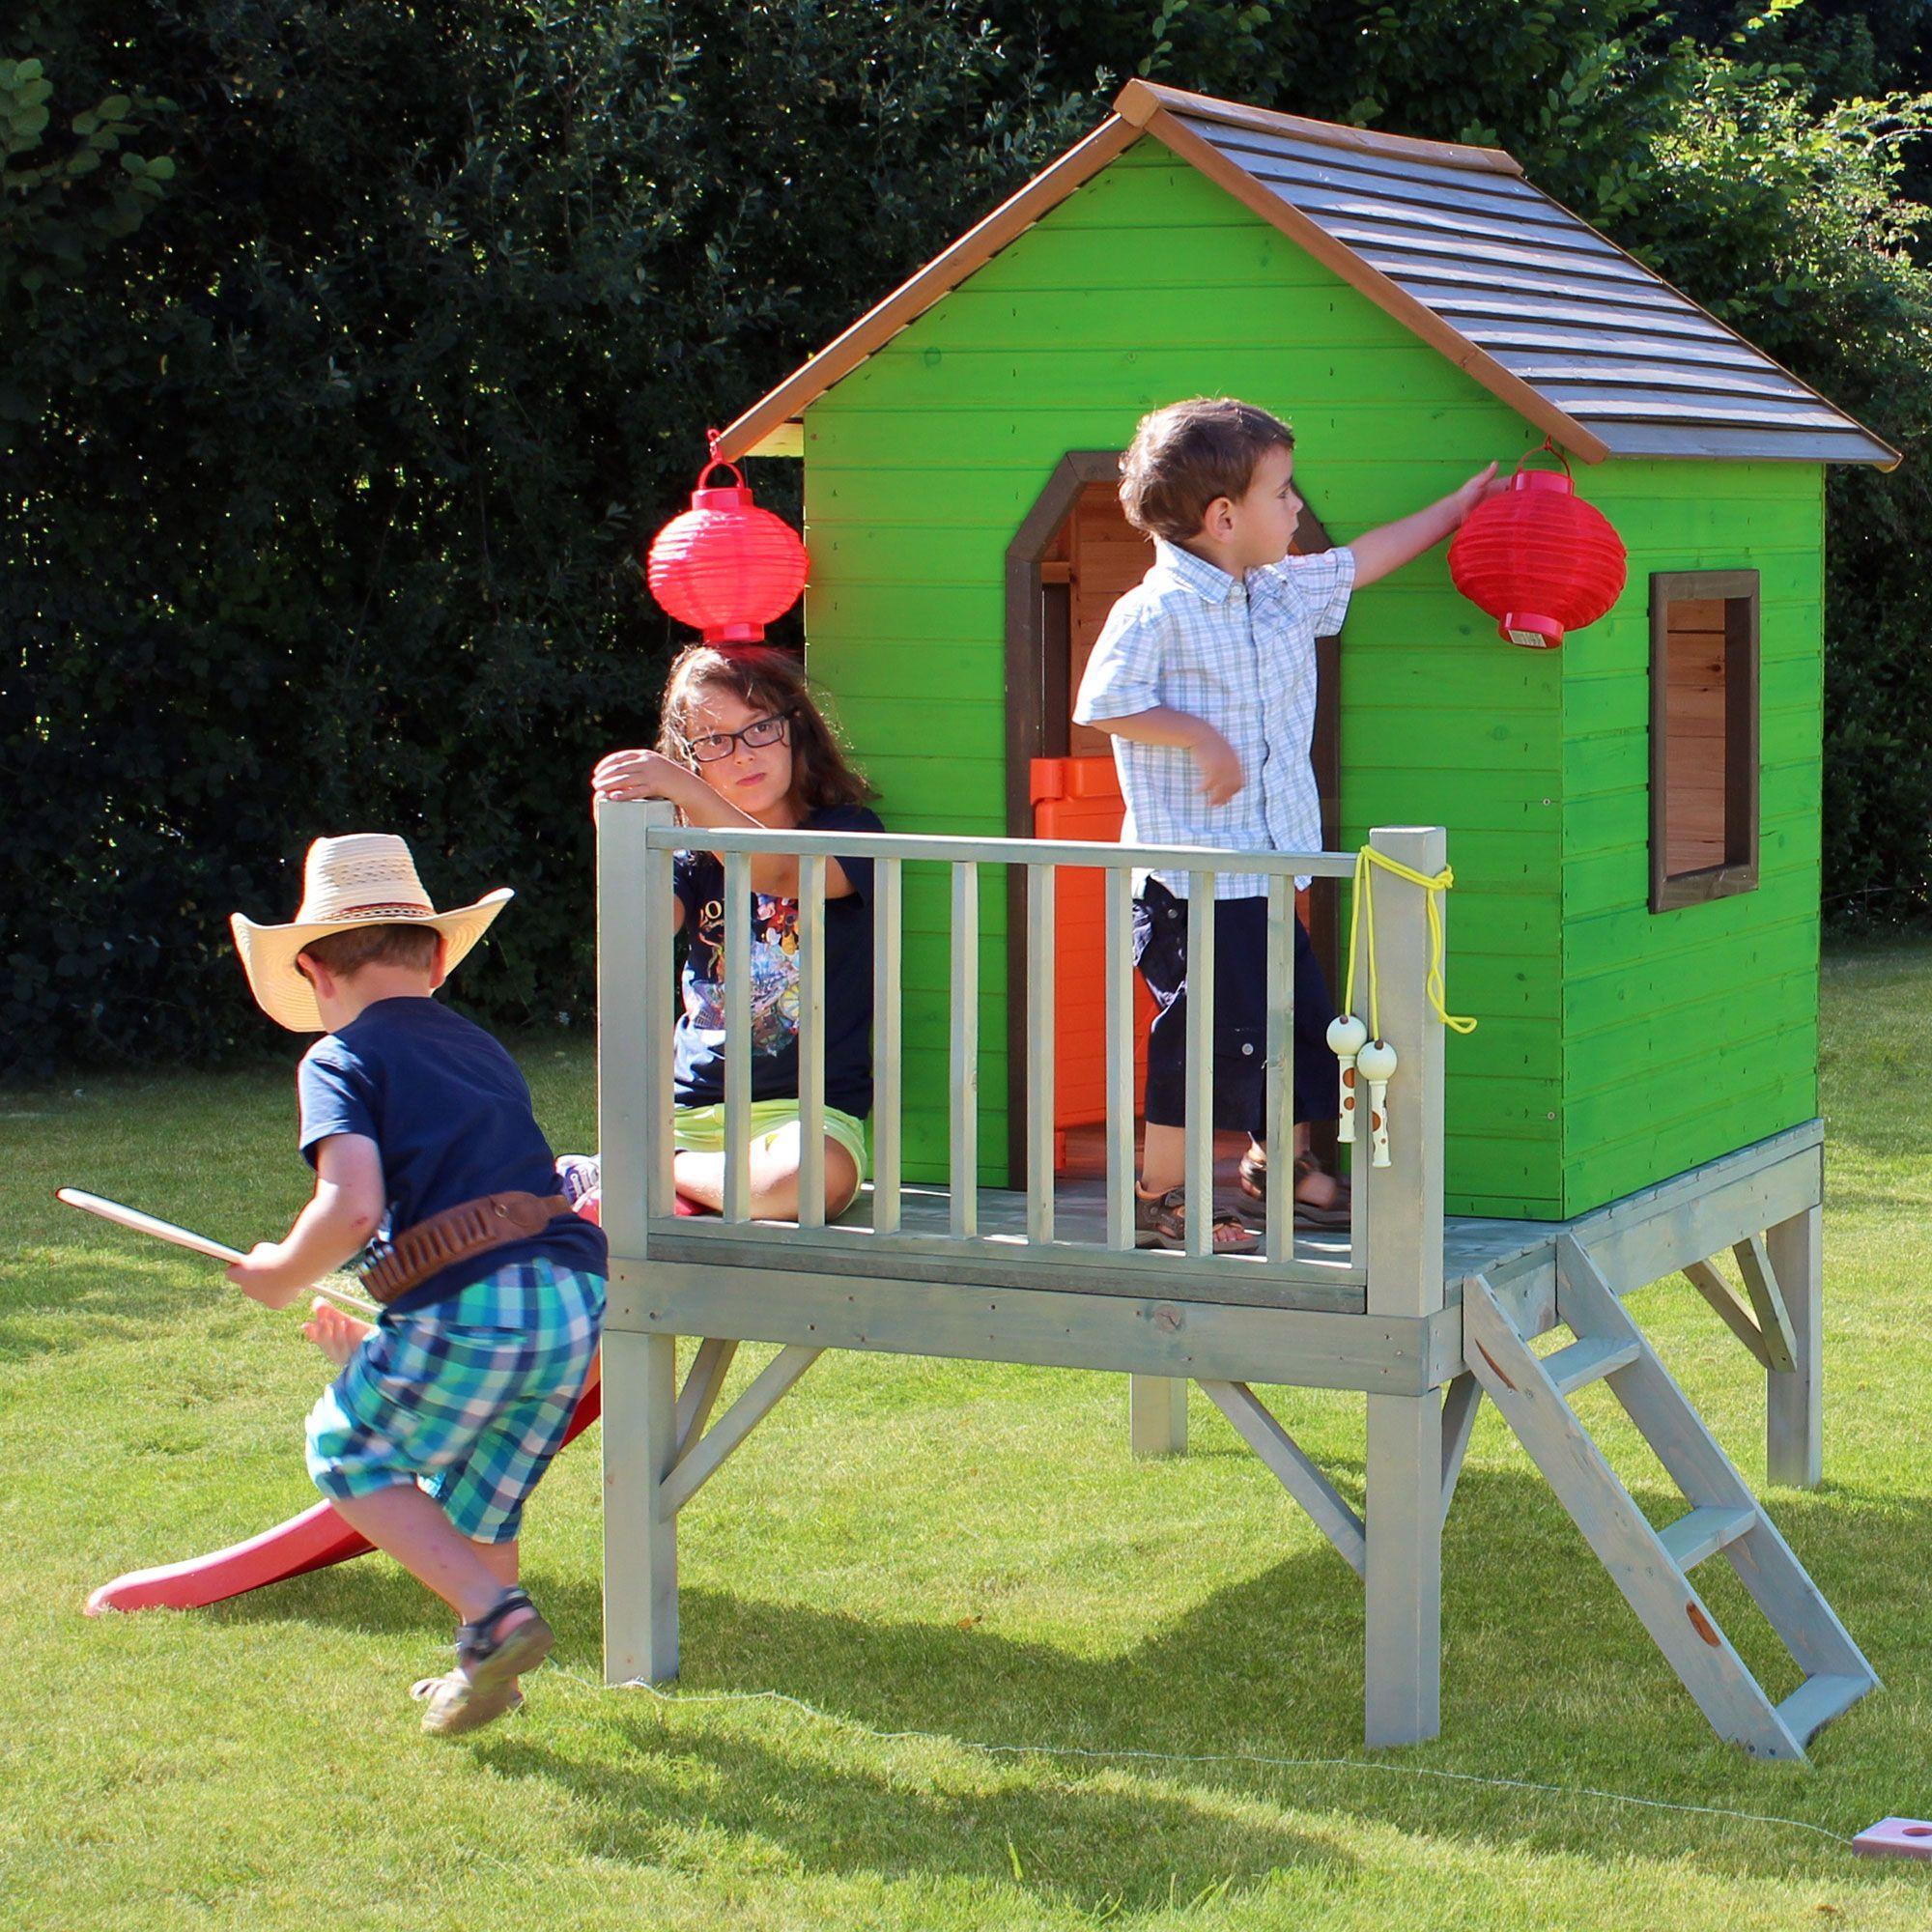 cabane maisonnette enfant sur pilotis toboggan en bois maxence soulet garden cabane. Black Bedroom Furniture Sets. Home Design Ideas